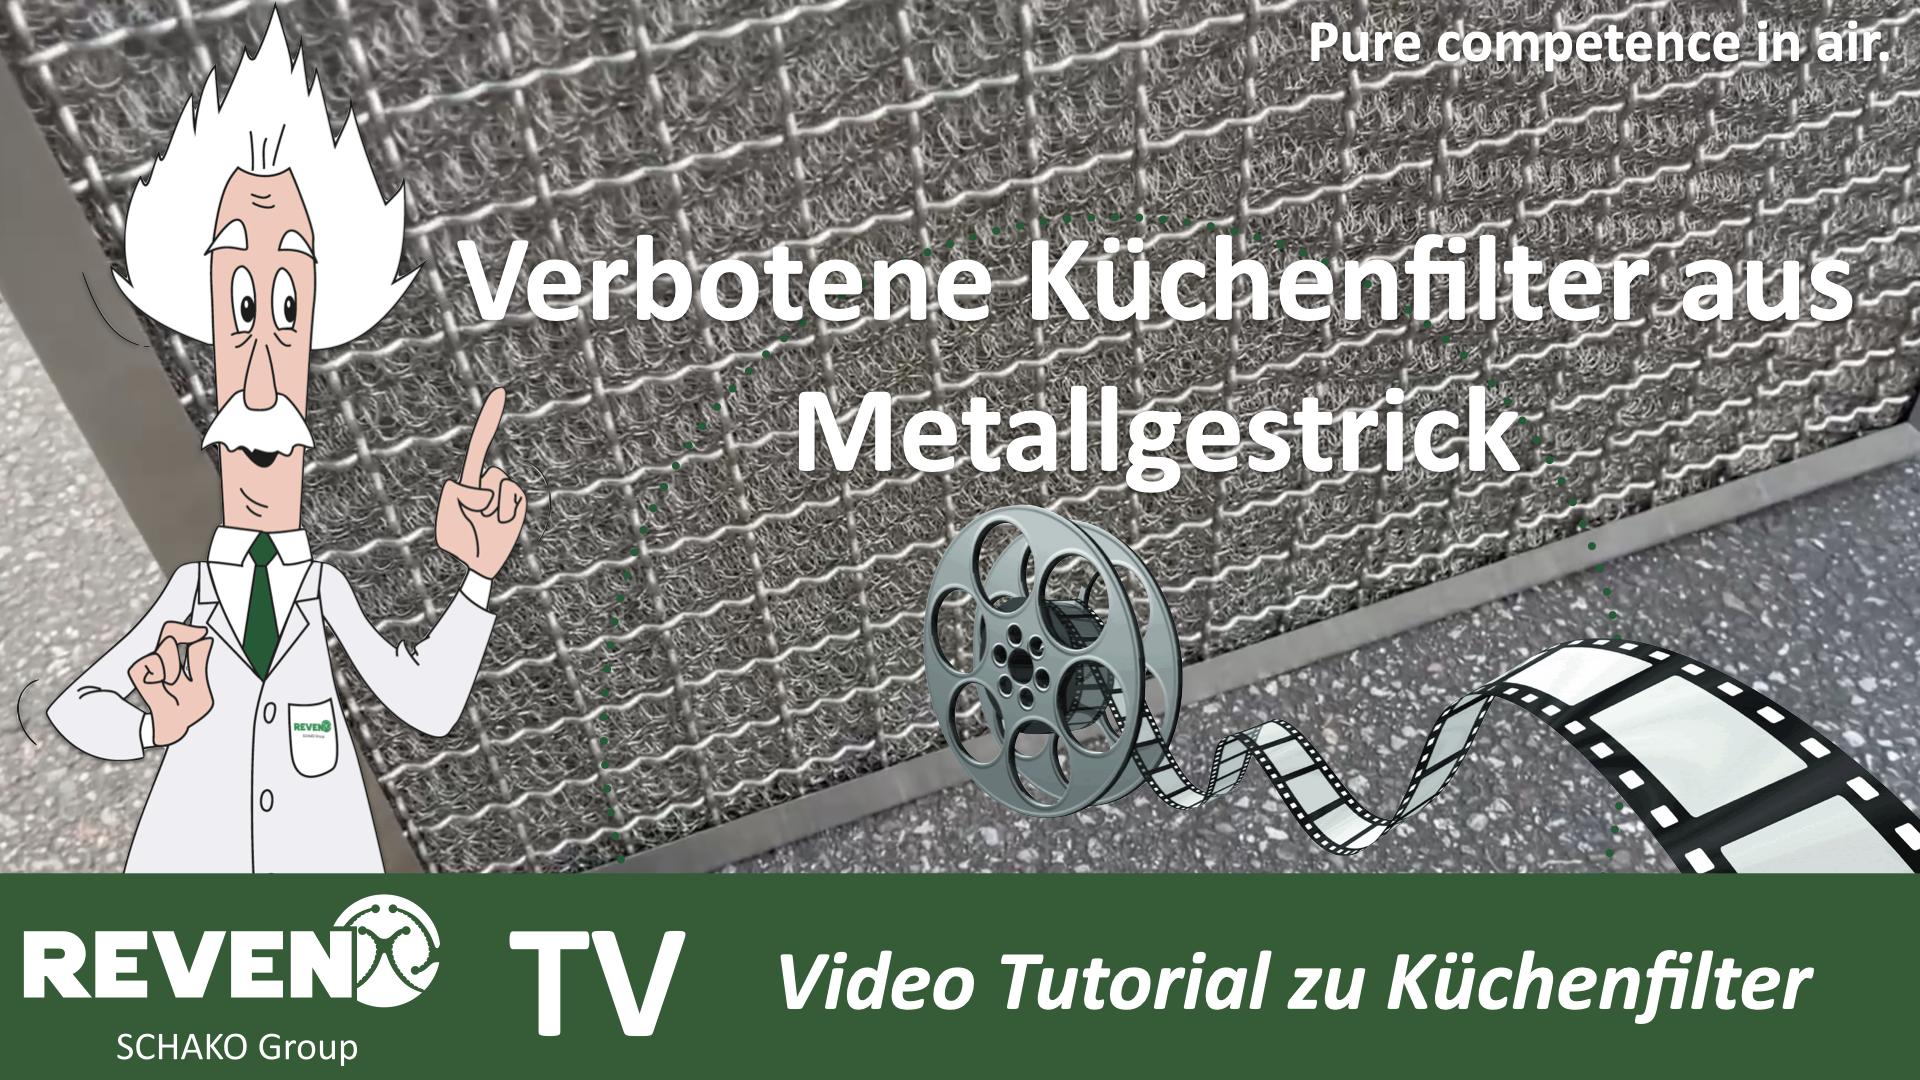 Verbotene Küchenfilter aus Metallgestrick